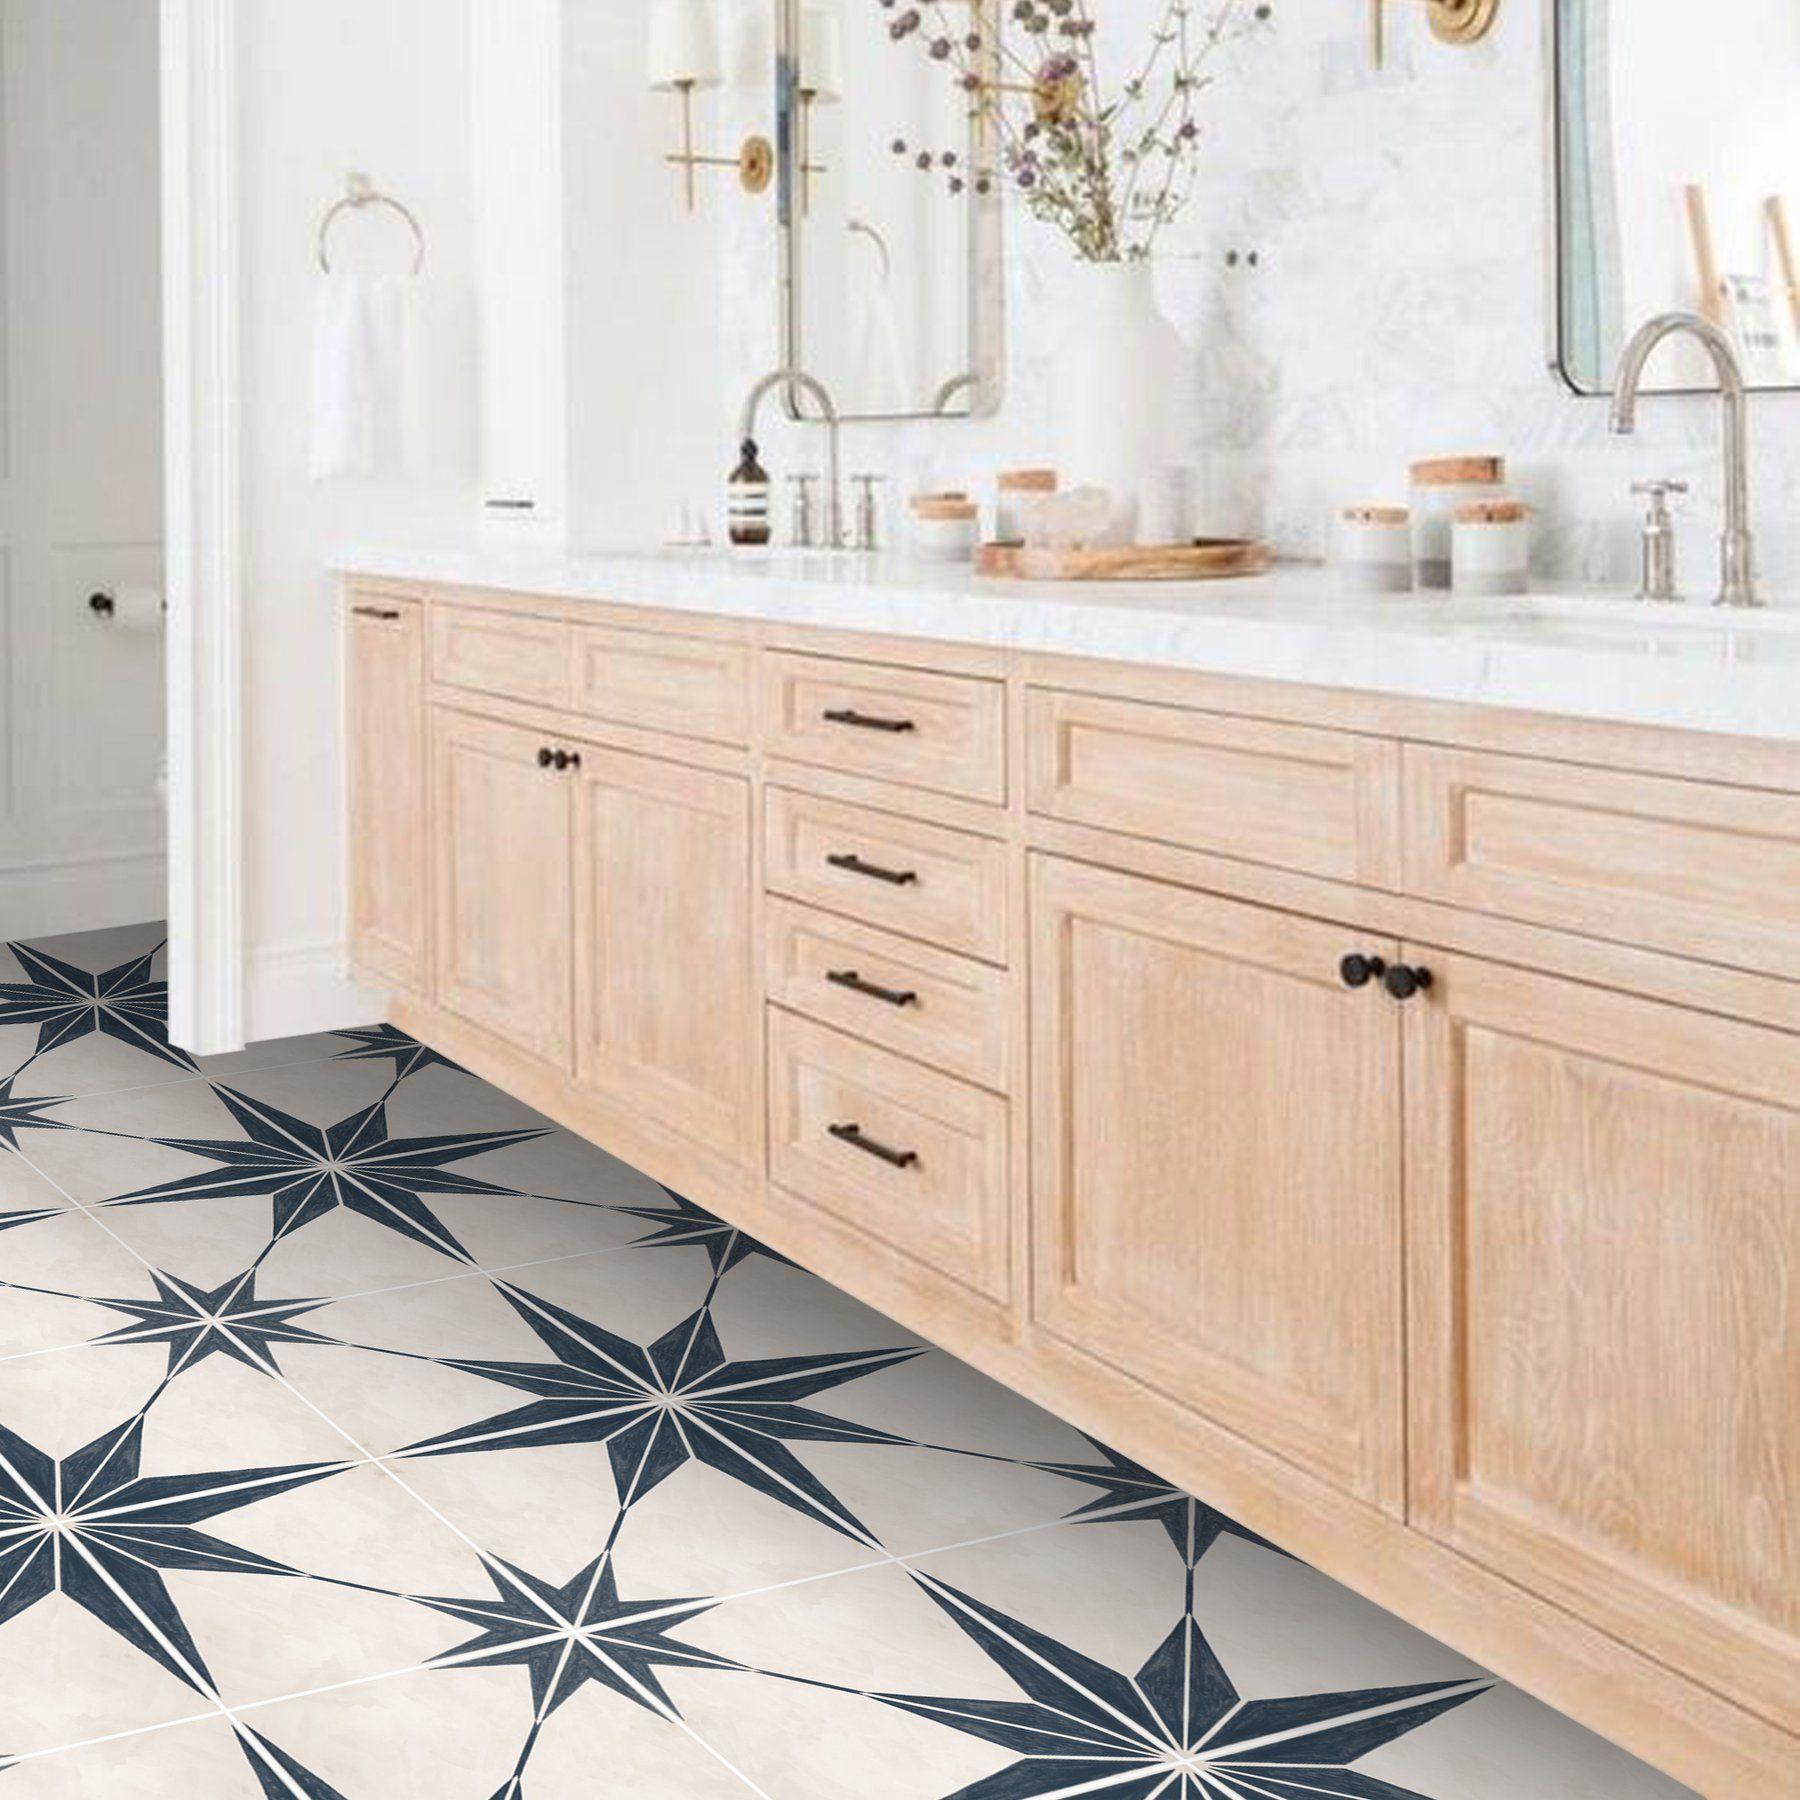 Astra In Navy Floor Sticker Floor Stickers Vinyl Tile Vinyl Flooring